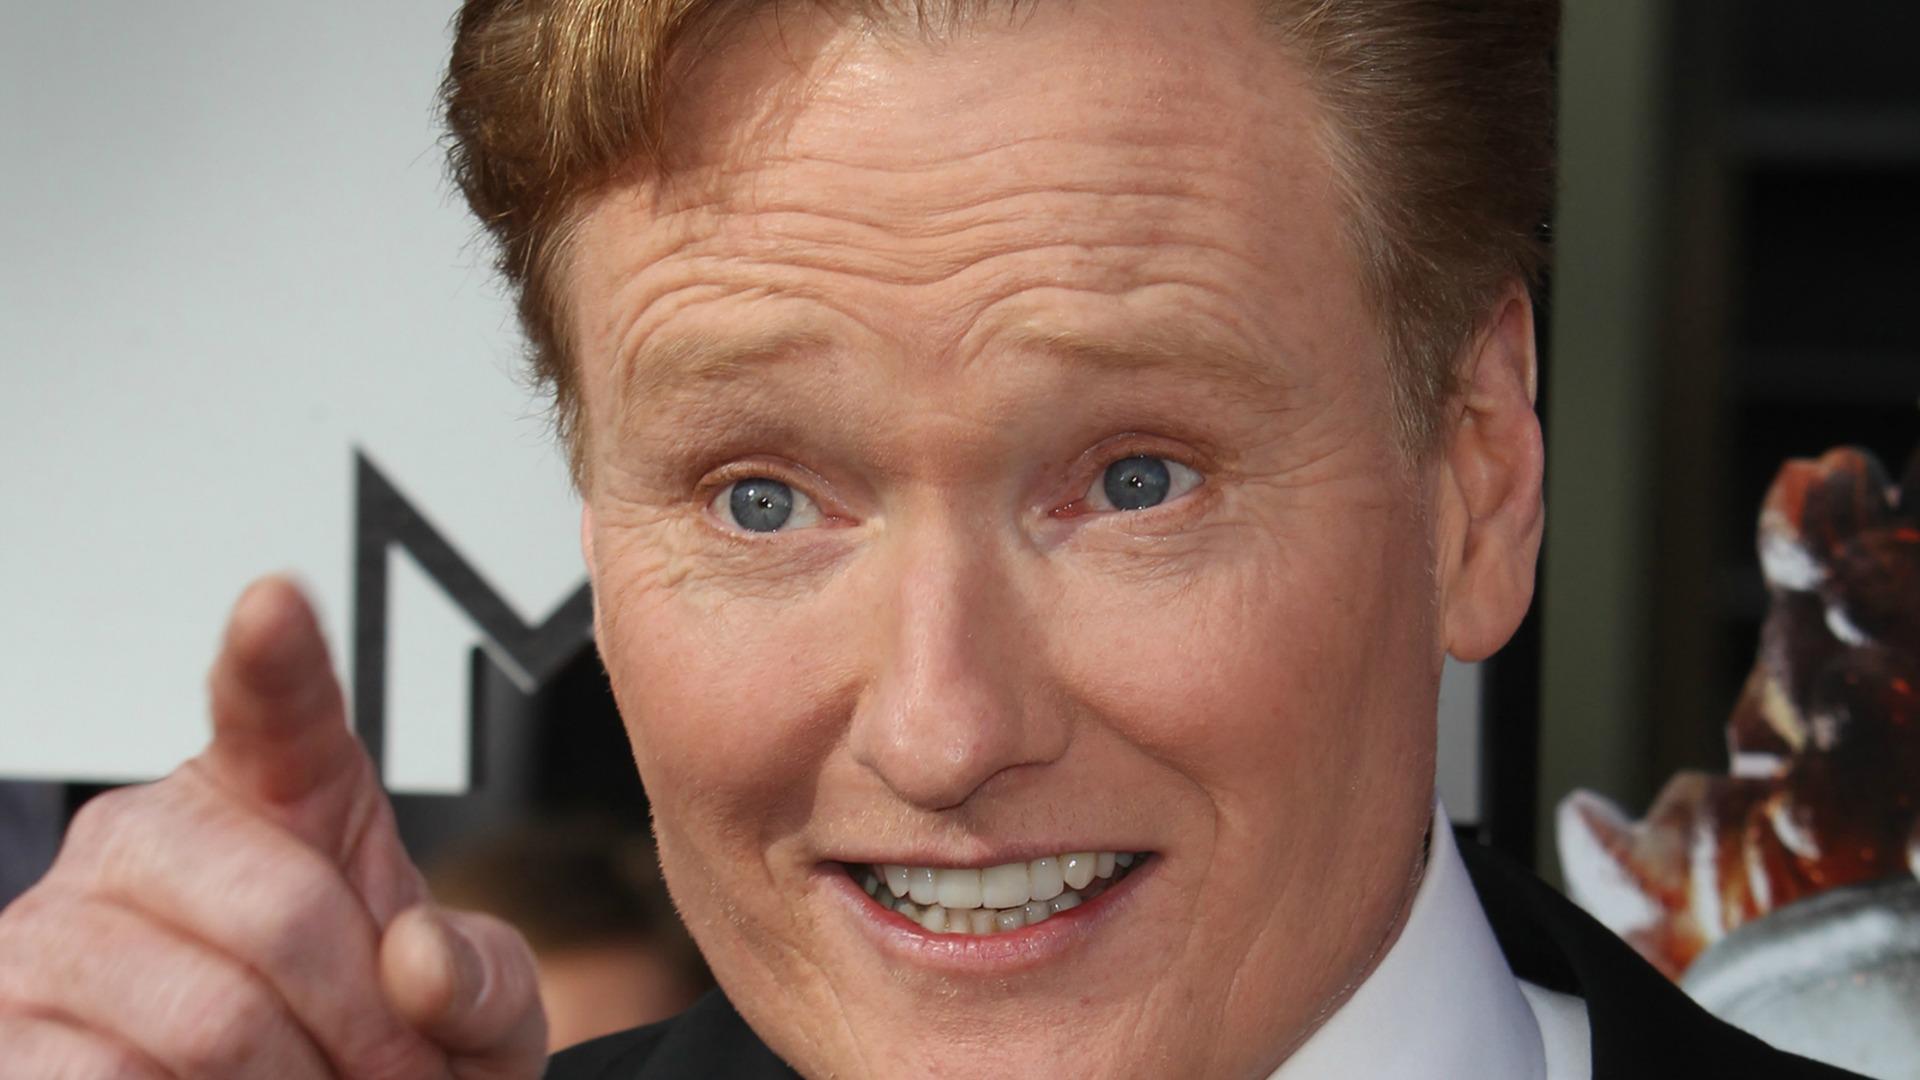 Dave Franco, Conan O'Brien join Tinder